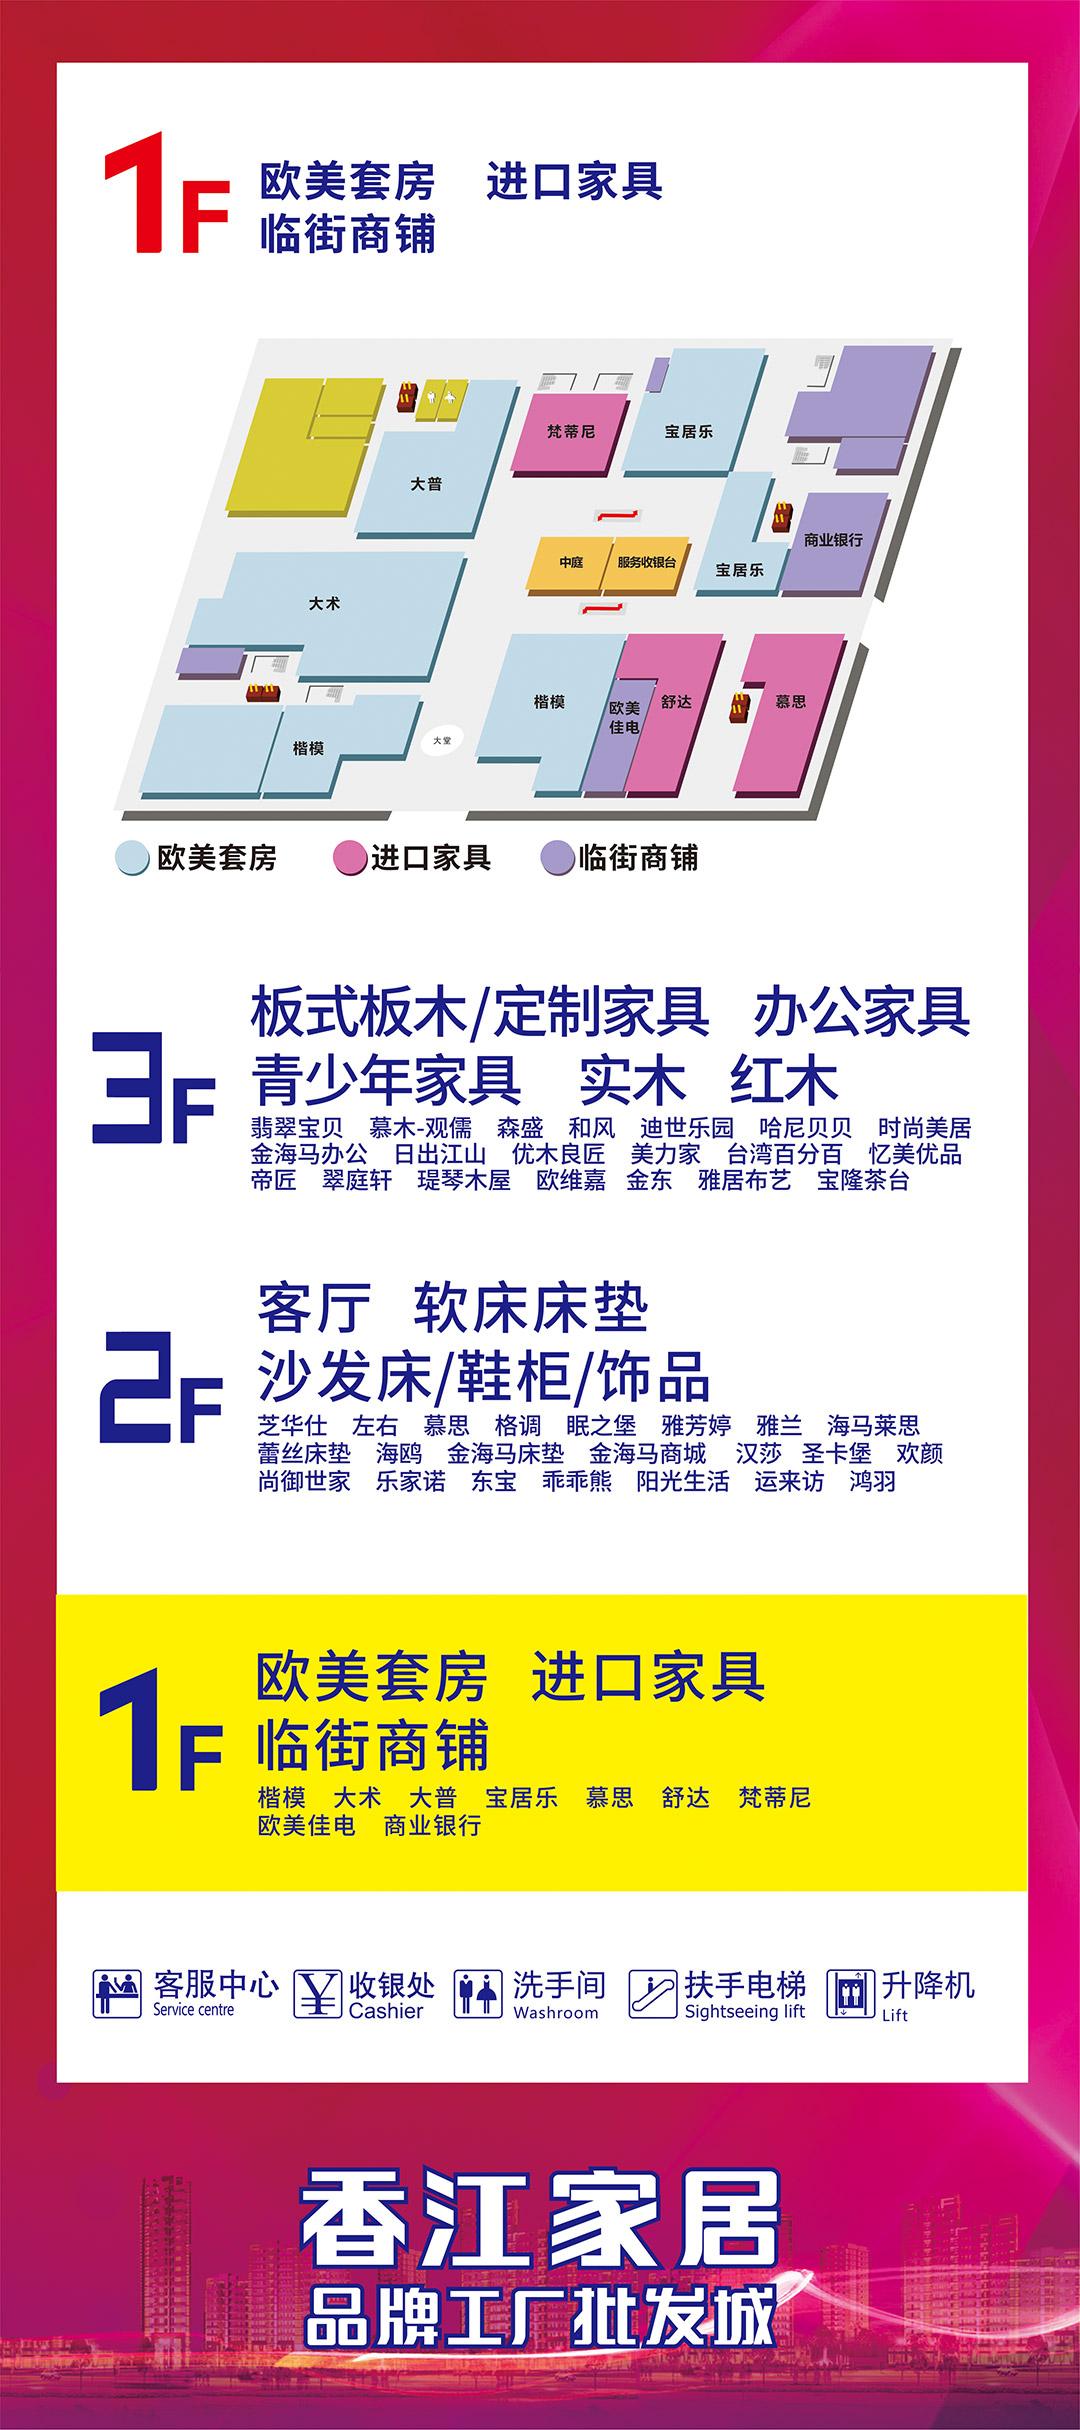 东莞香江-平面图1F.jpg